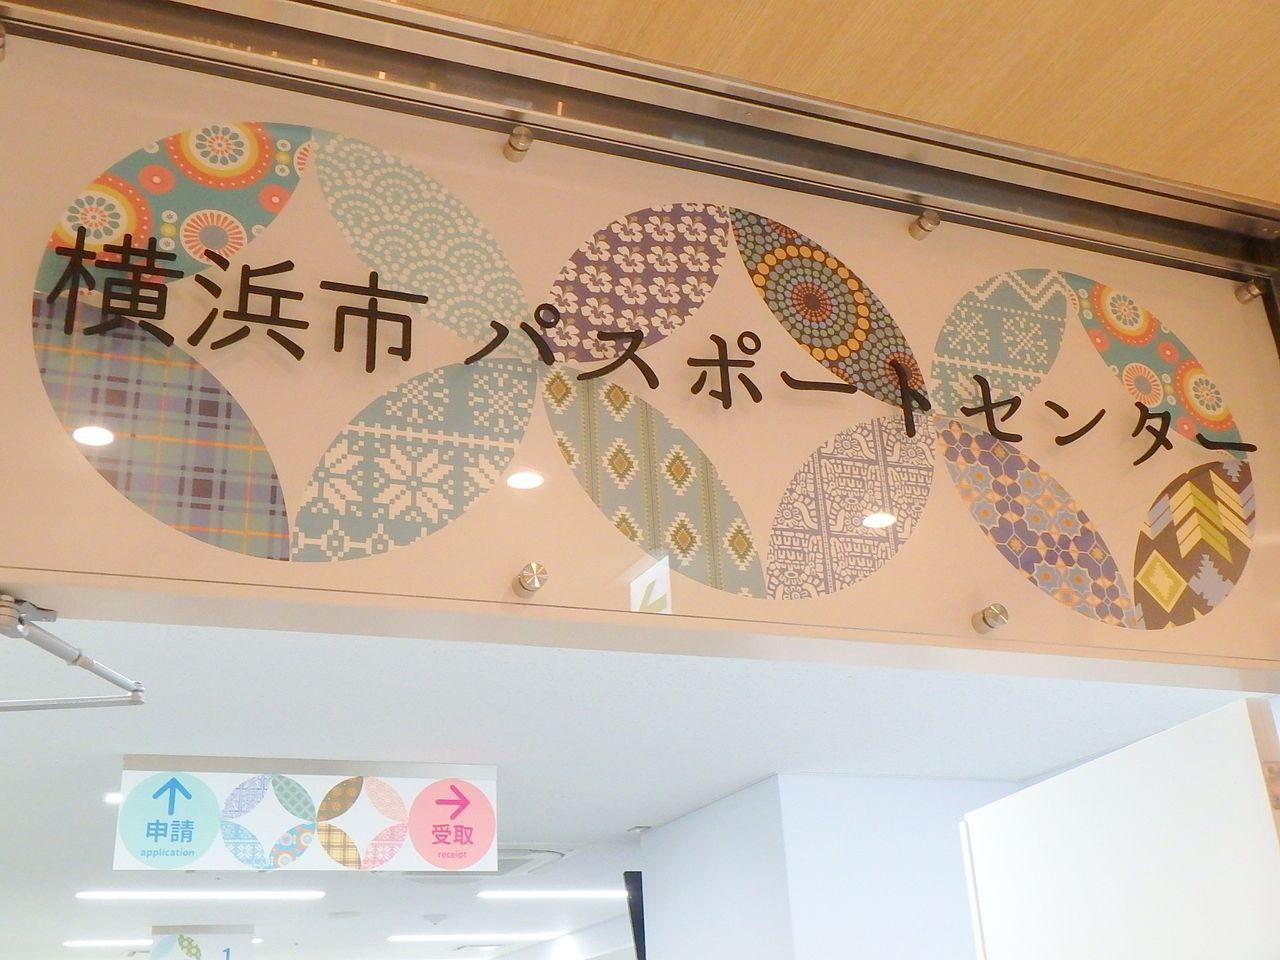 関内までパスポートを作りに行くのが面倒くさい横浜市民に朗報です。